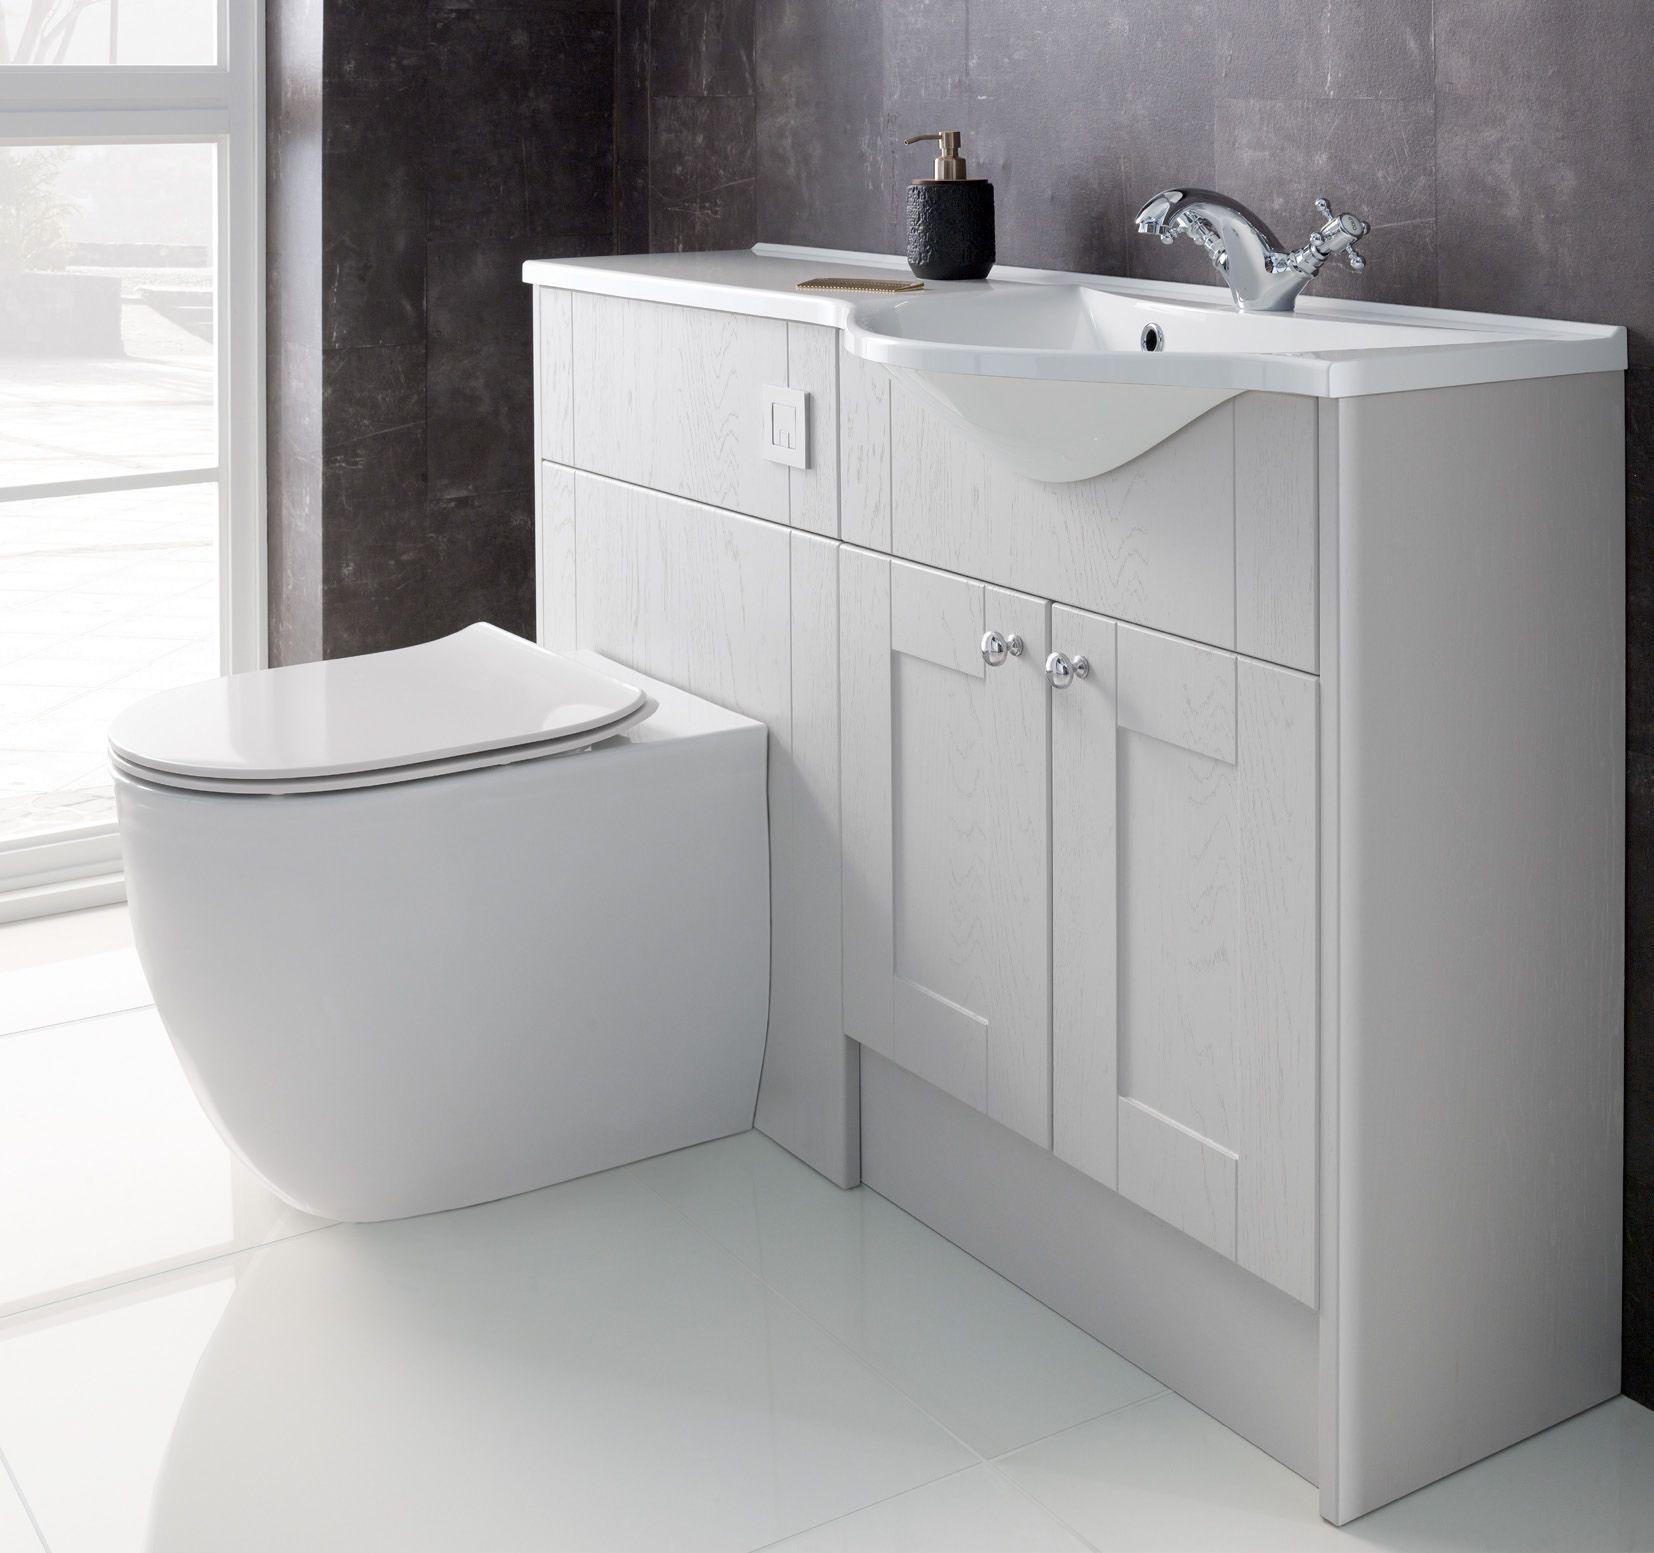 Baliv Waschtischarmatur Wt 190 Chrom Kaufen Bei Obi Waschtischarmatur Waschbecken Armaturen Armaturen